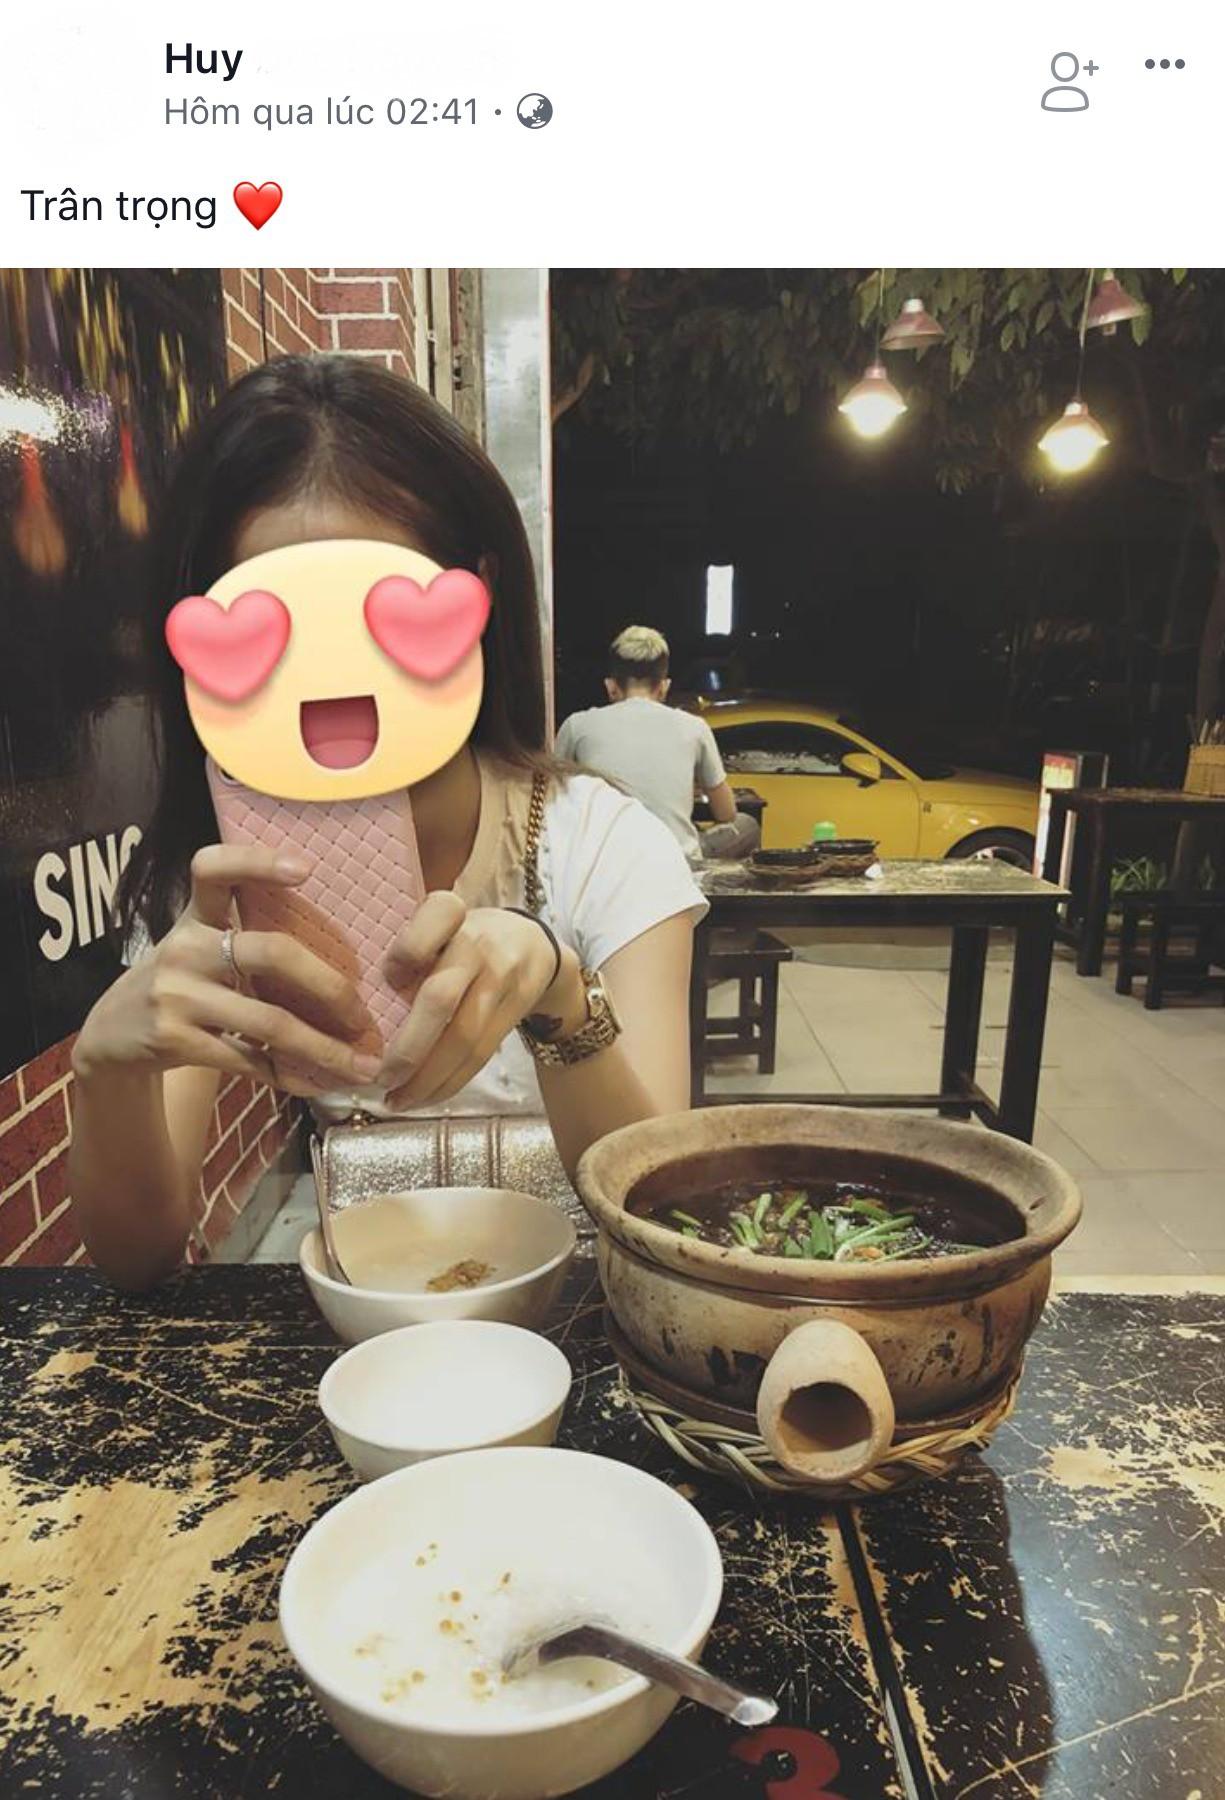 Hot girl Lâm Á Hân công khai thân mật với trai lạ sau sóng gió tình cảm với Rapper Hồng Hải